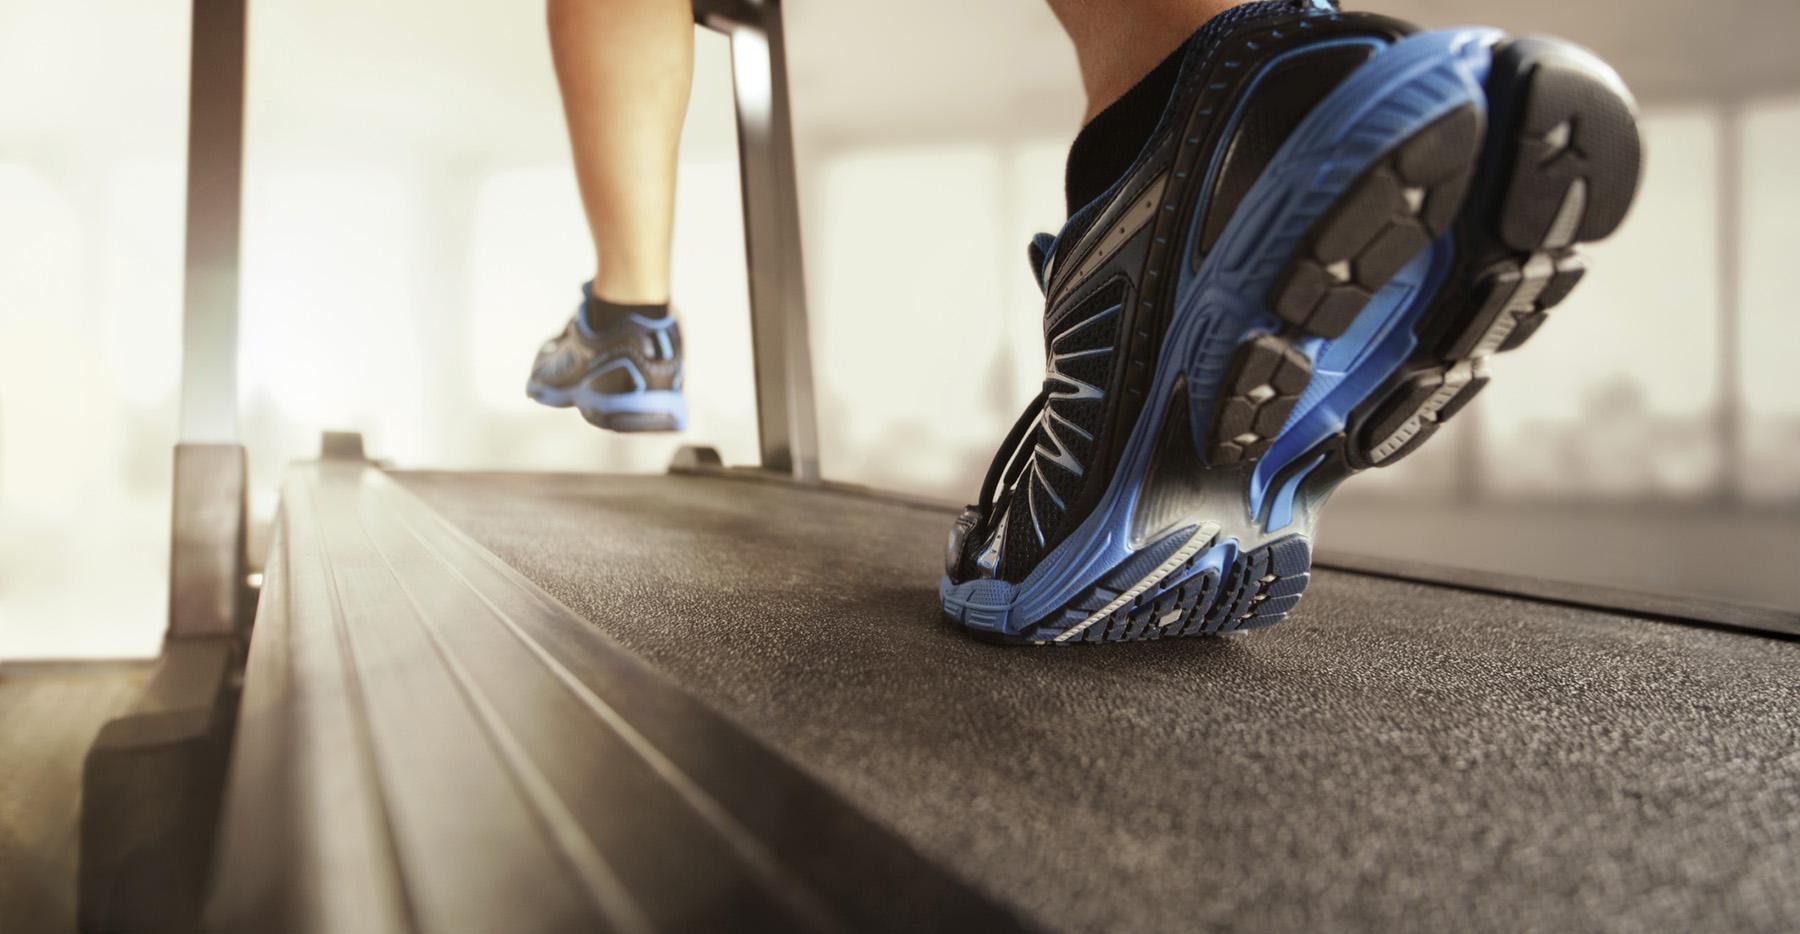 Stress femororotuleo in 3 differenti tecniche di corsa